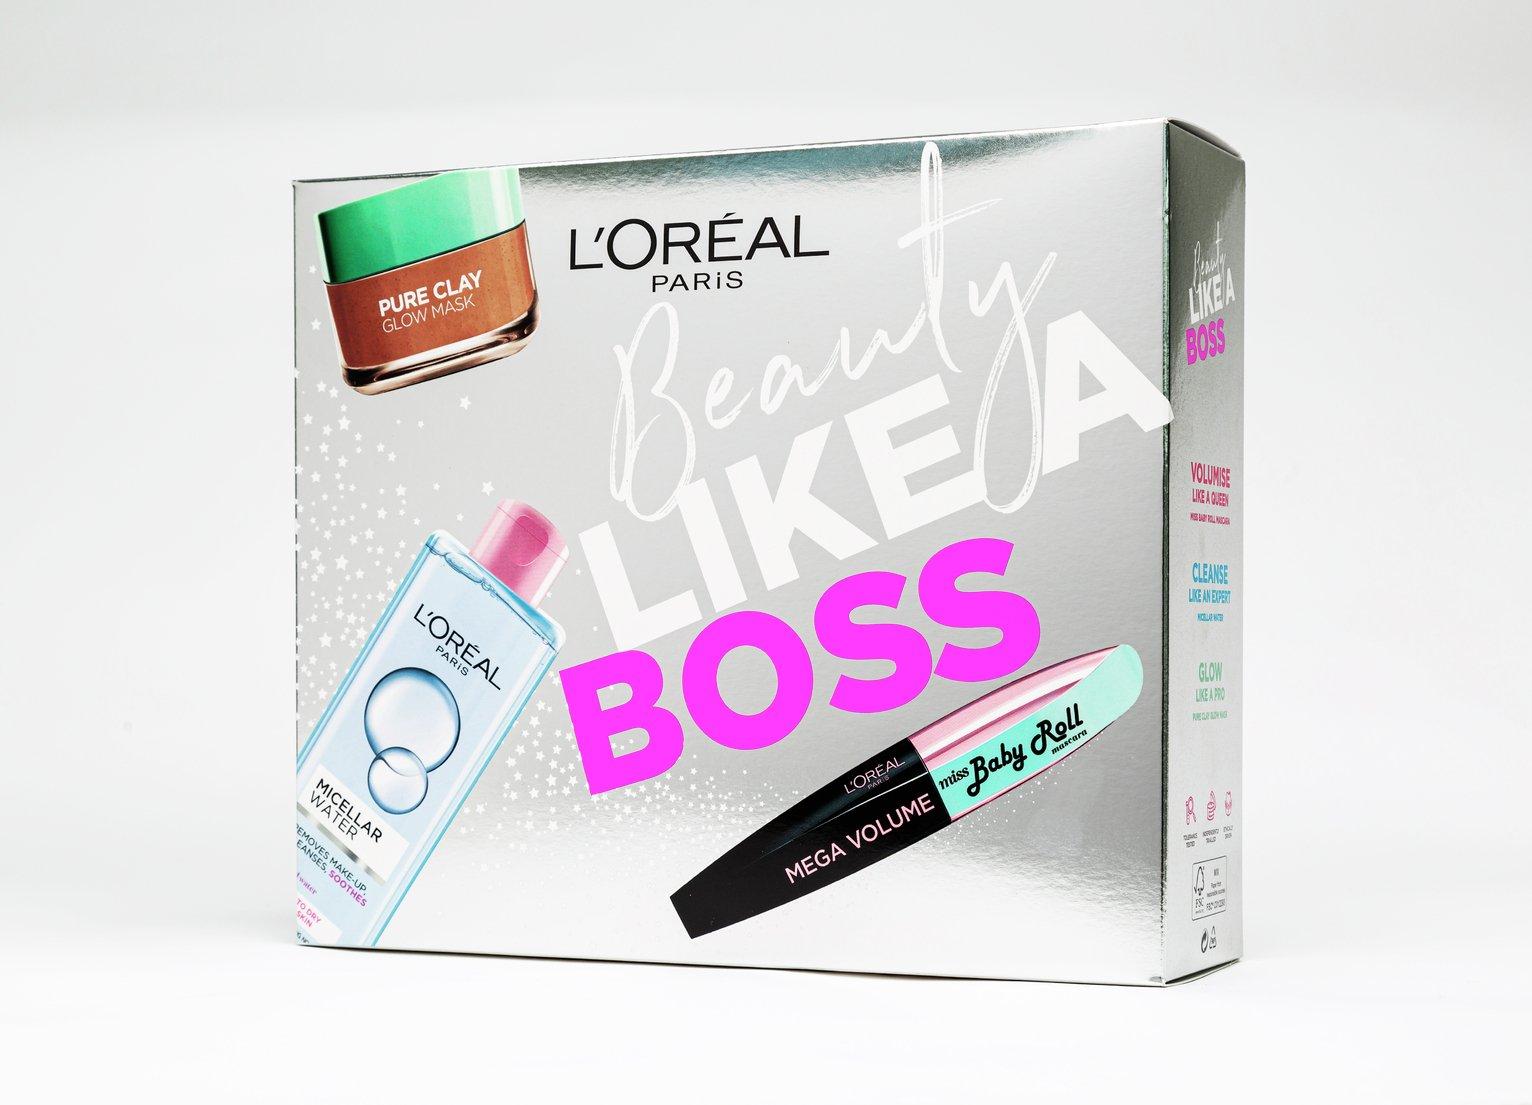 L'Oreal Paris Beauty Like A Boss Gift Set